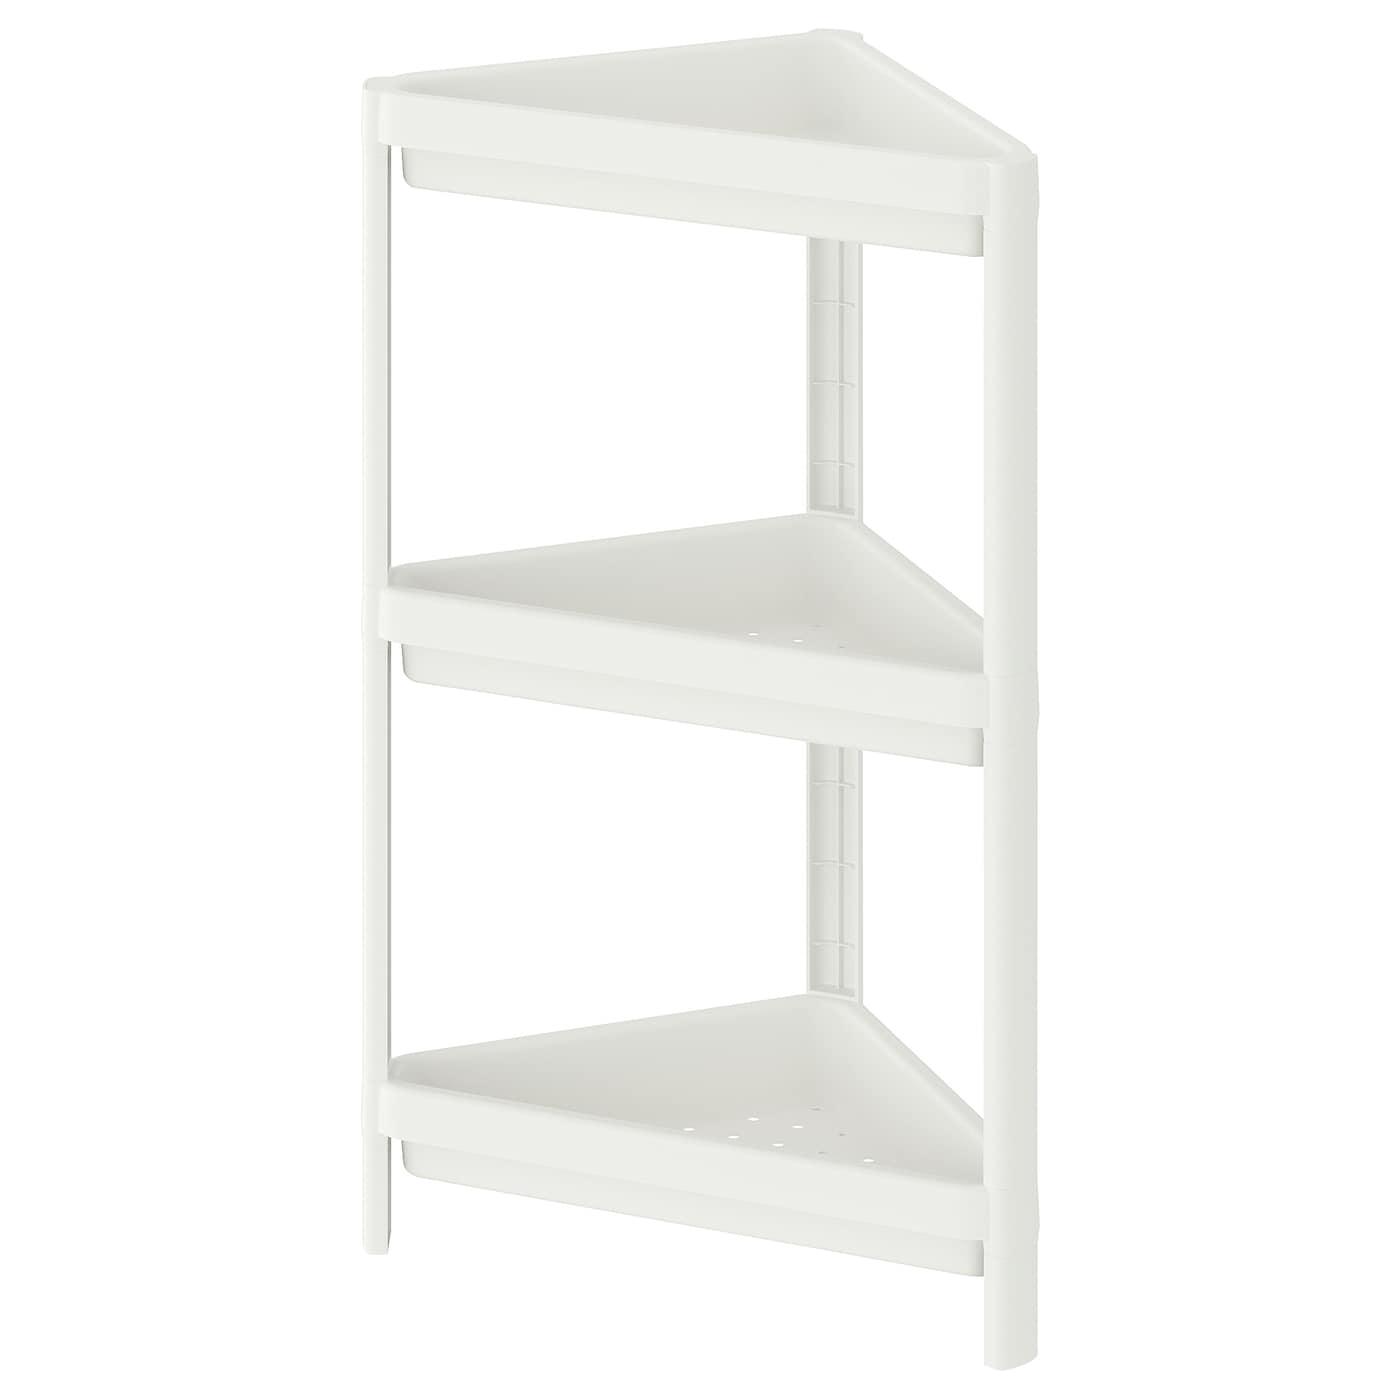 VESKEN Eckregal - weiß 12x12x12 cm